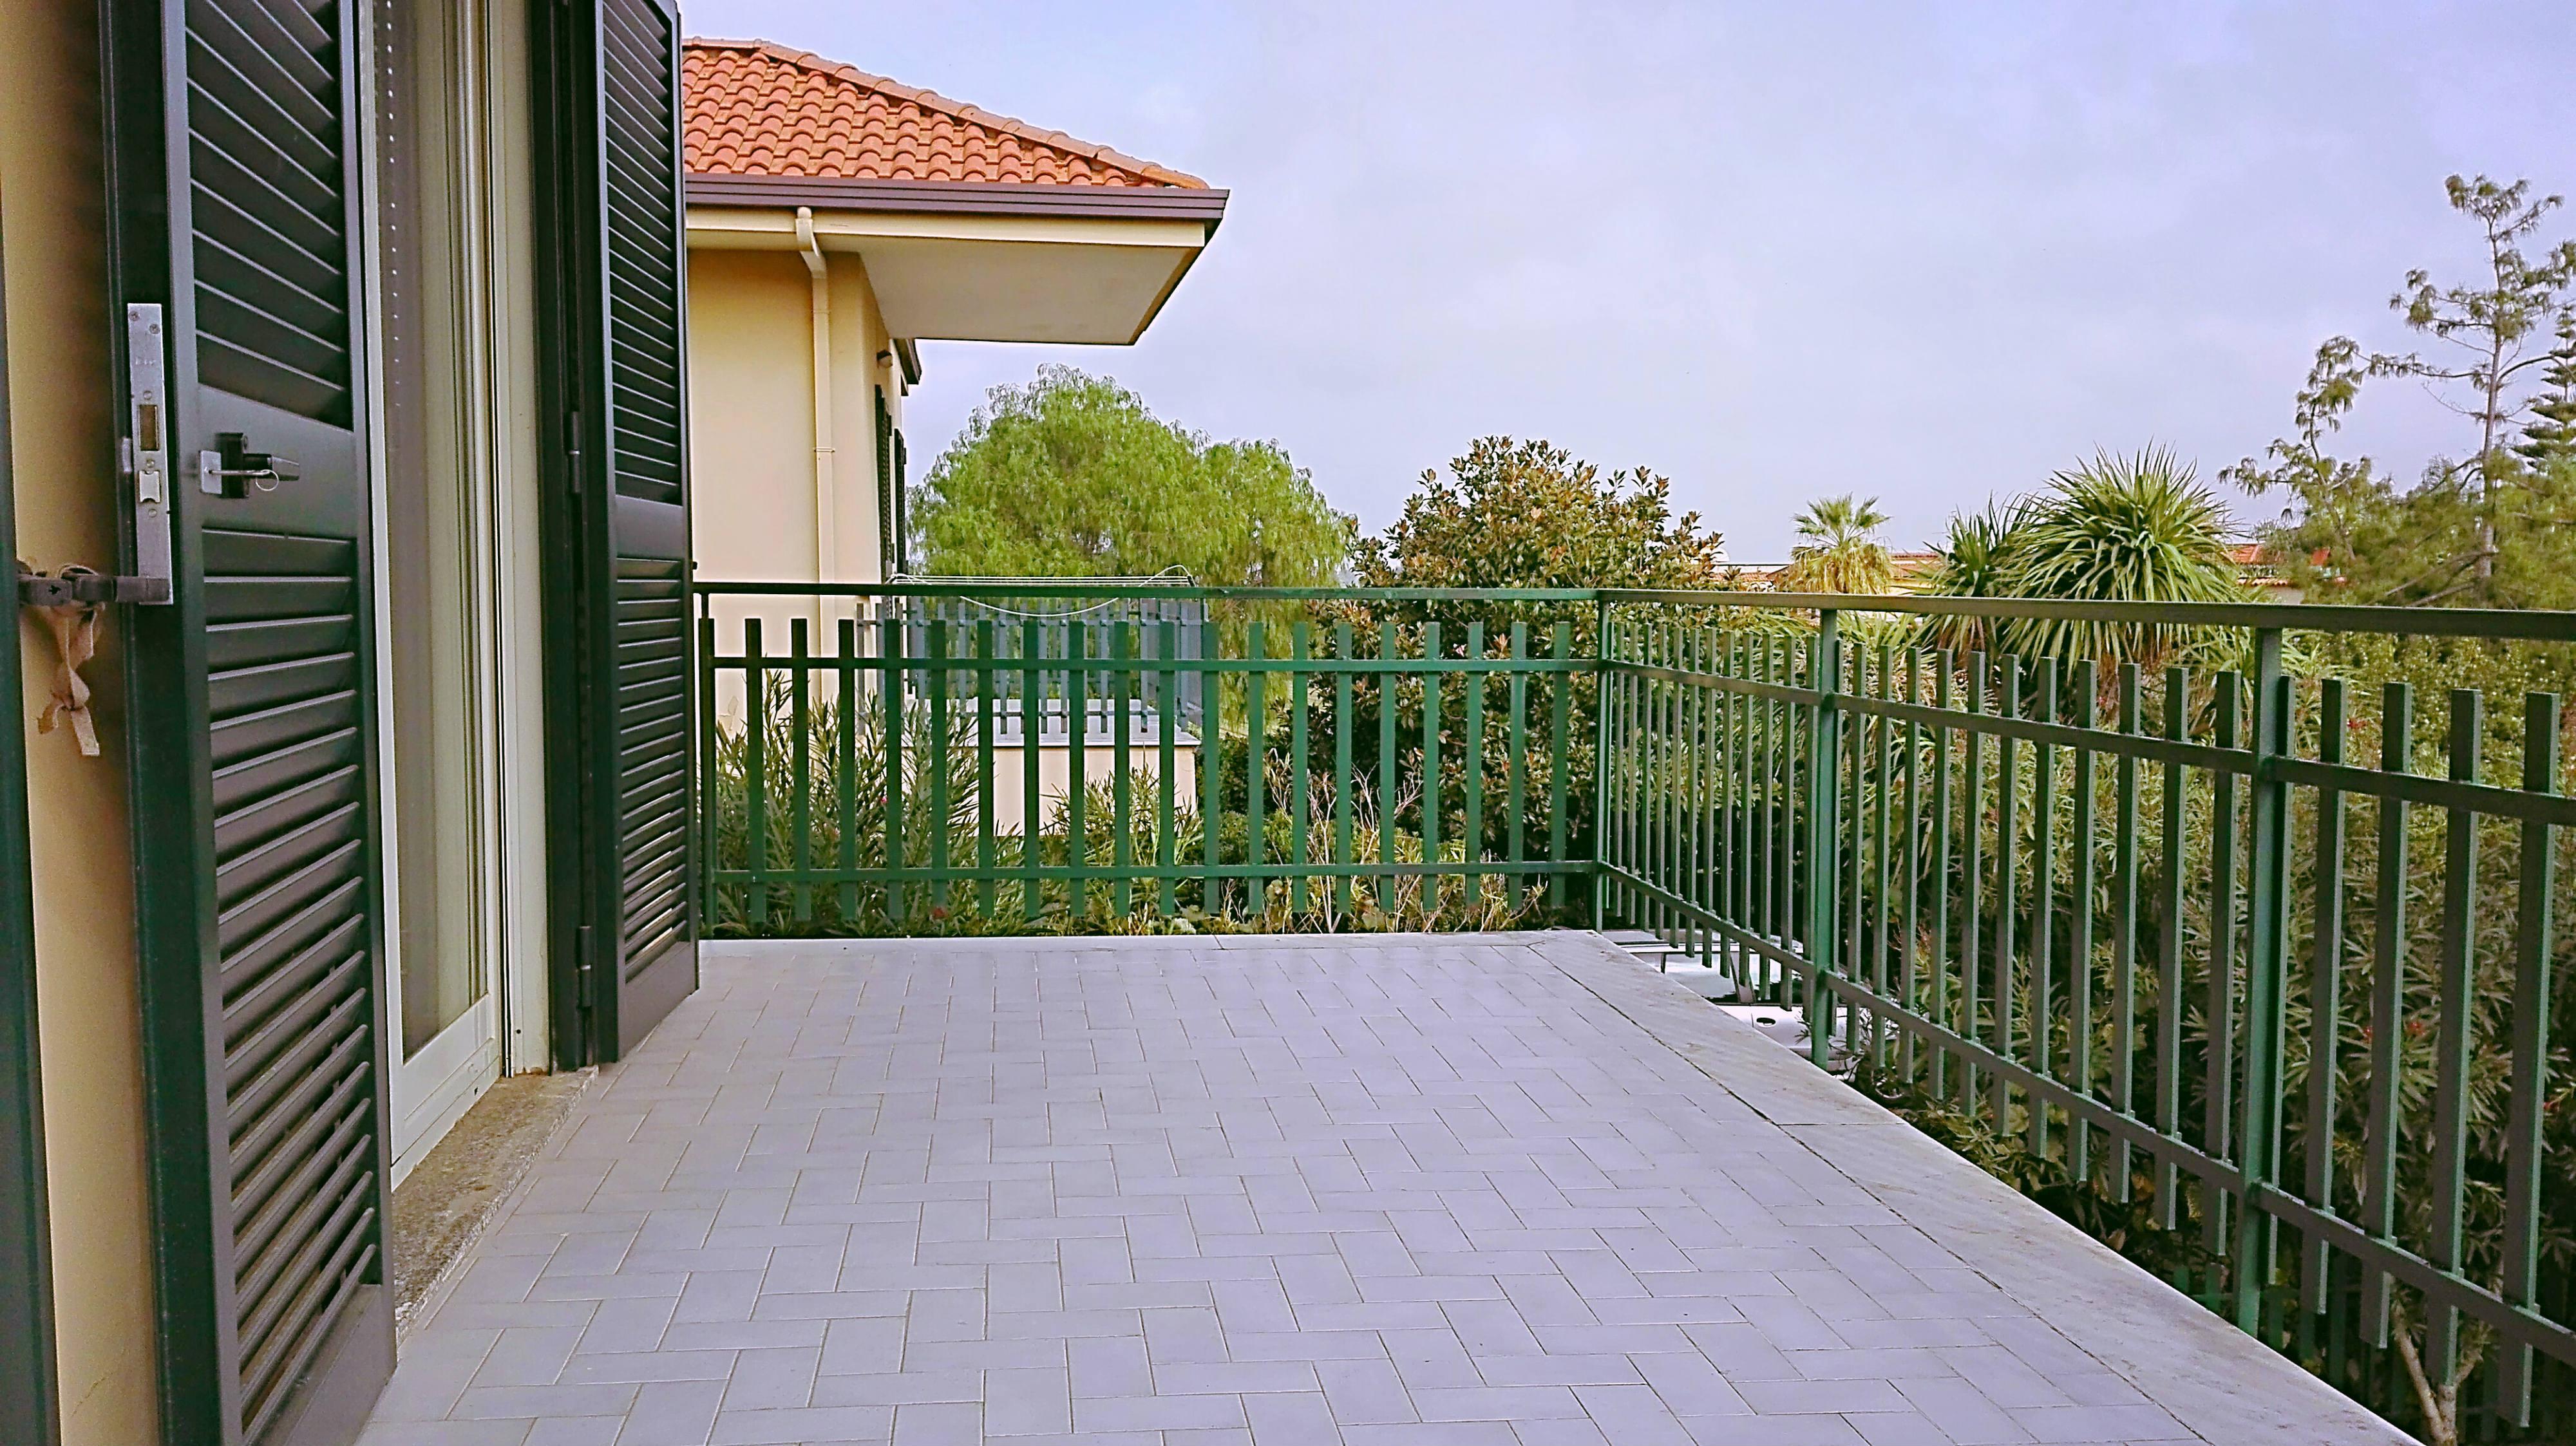 Villa singola con giardino a licola key immobiliare for Garage a 2 livelli